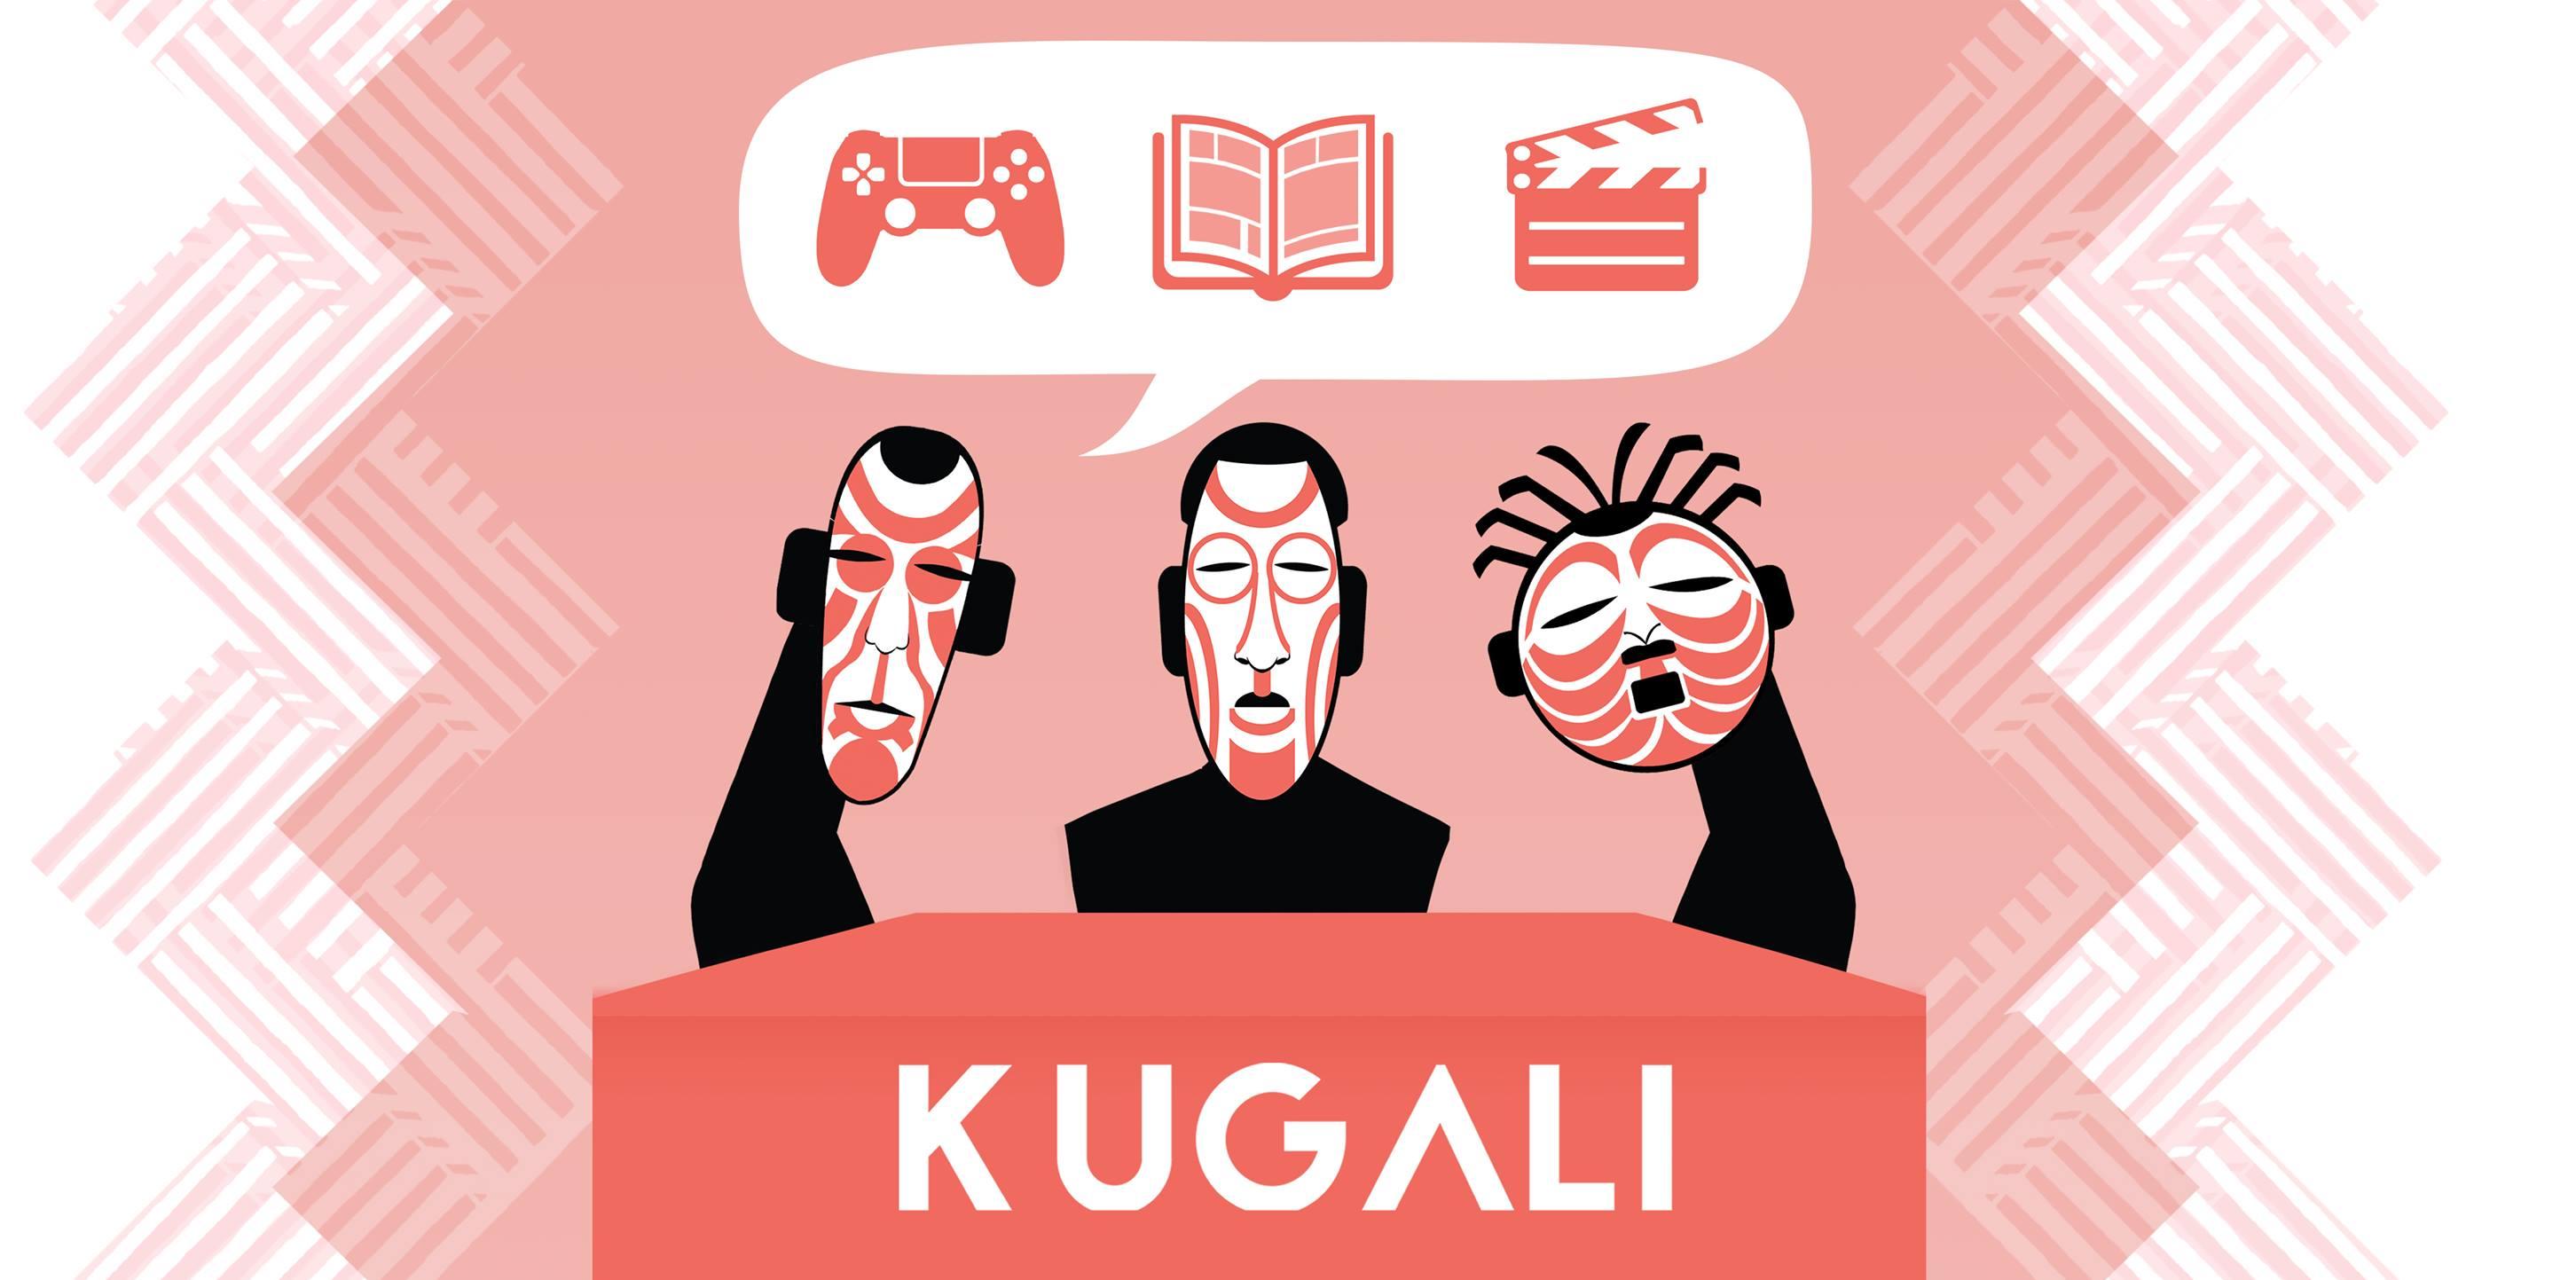 Kugali